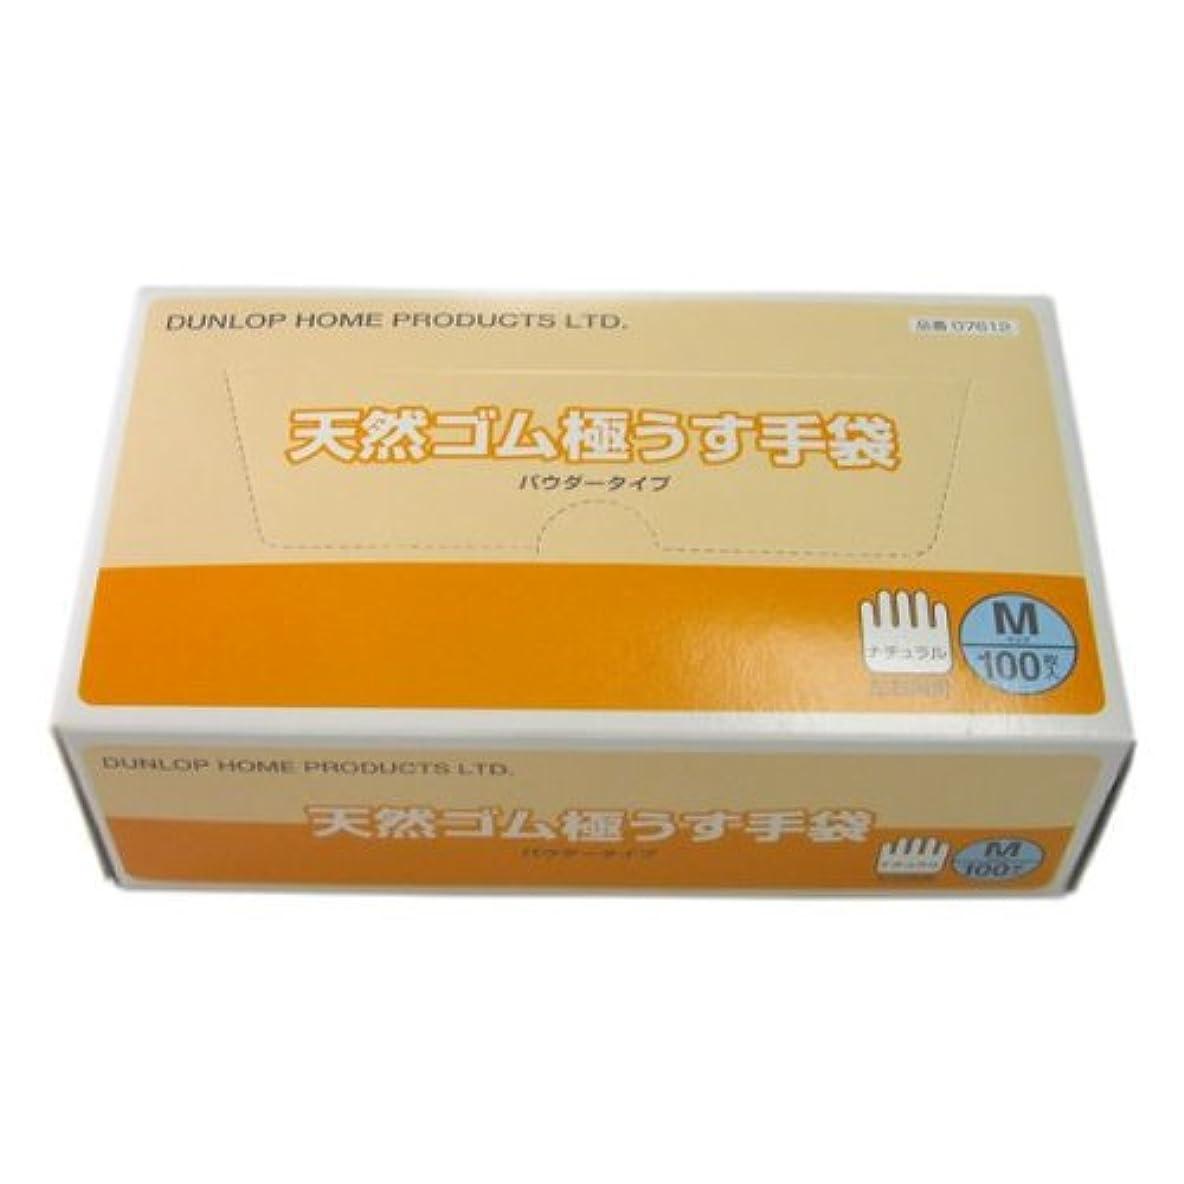 ソーダ水類似性理想的にはダンロップ 天然ゴムラテックス極うす手袋 Mサイズ 100枚入